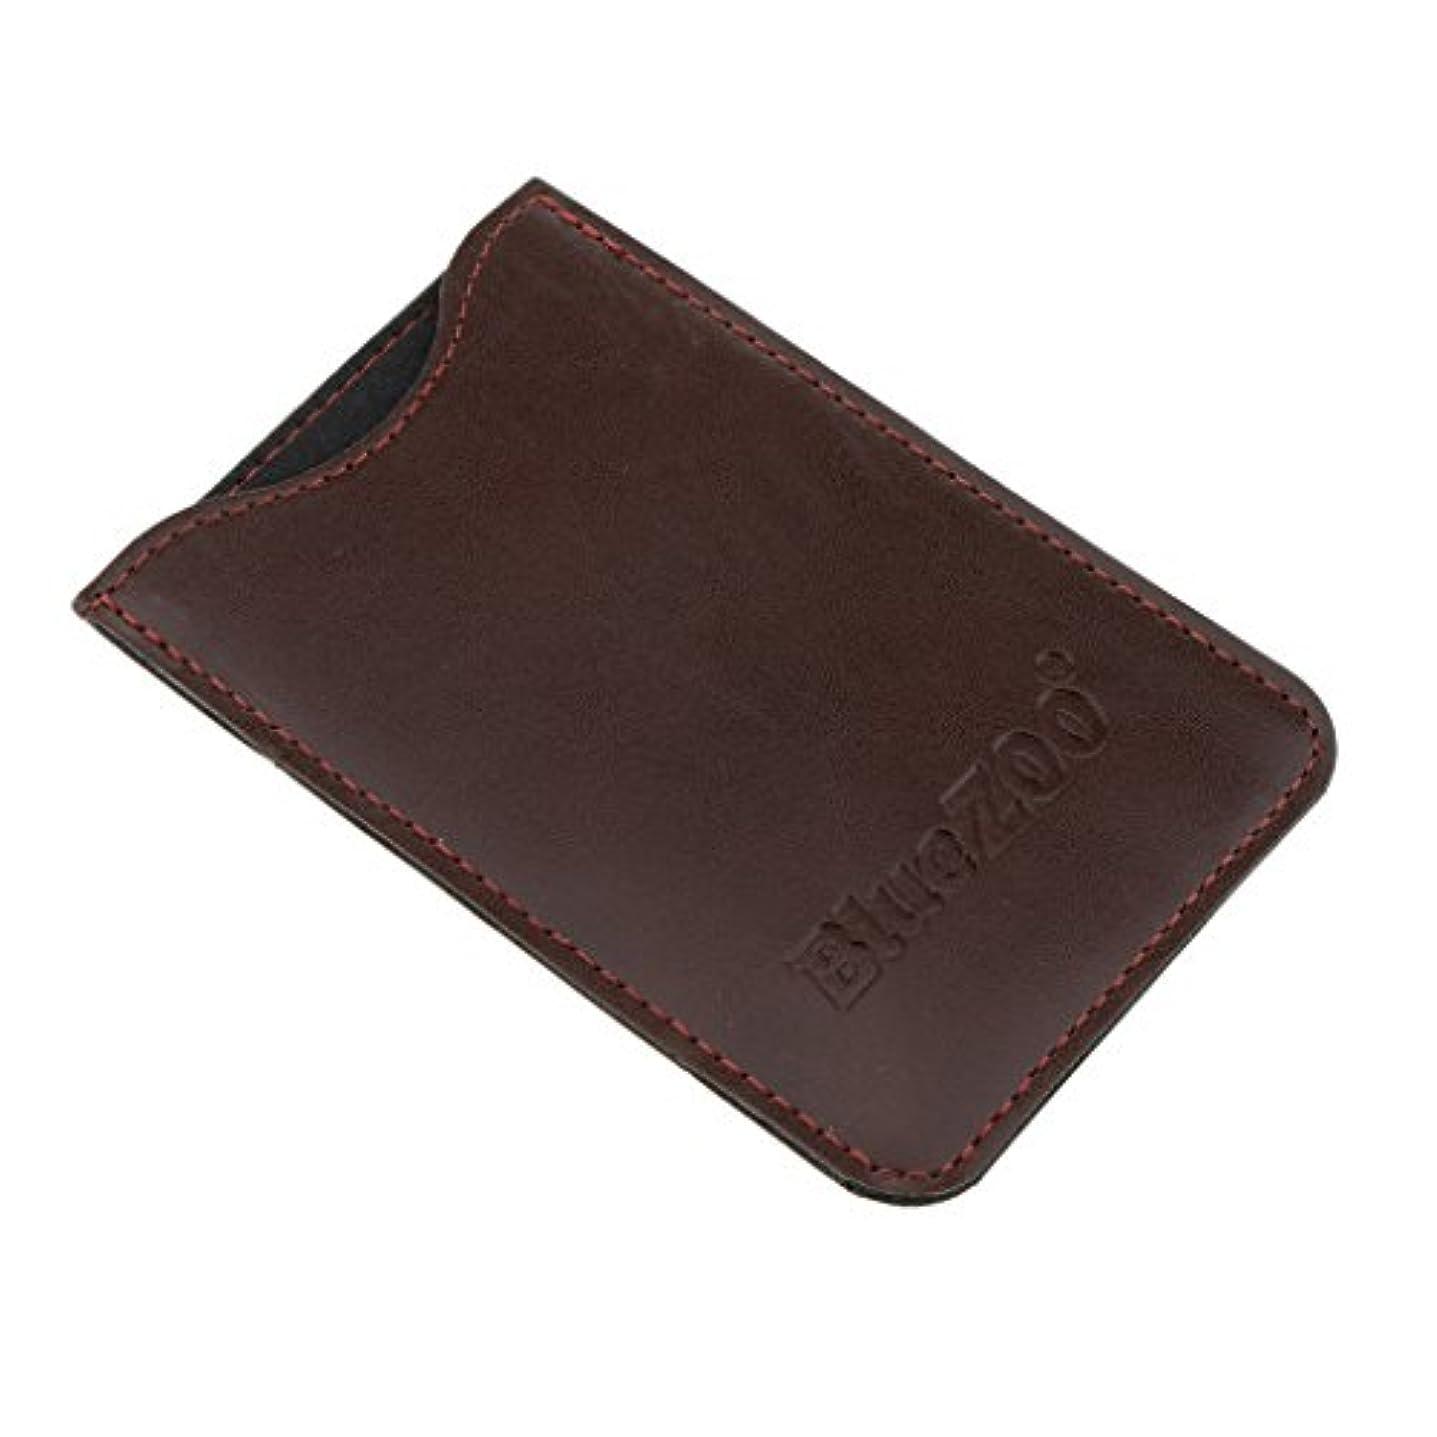 粘液アリあざPUレザー バッグ 収納ケース 保護カバー 櫛/名刺/IDカード/銀行カード 収納パック 便利 全2色 - 褐色